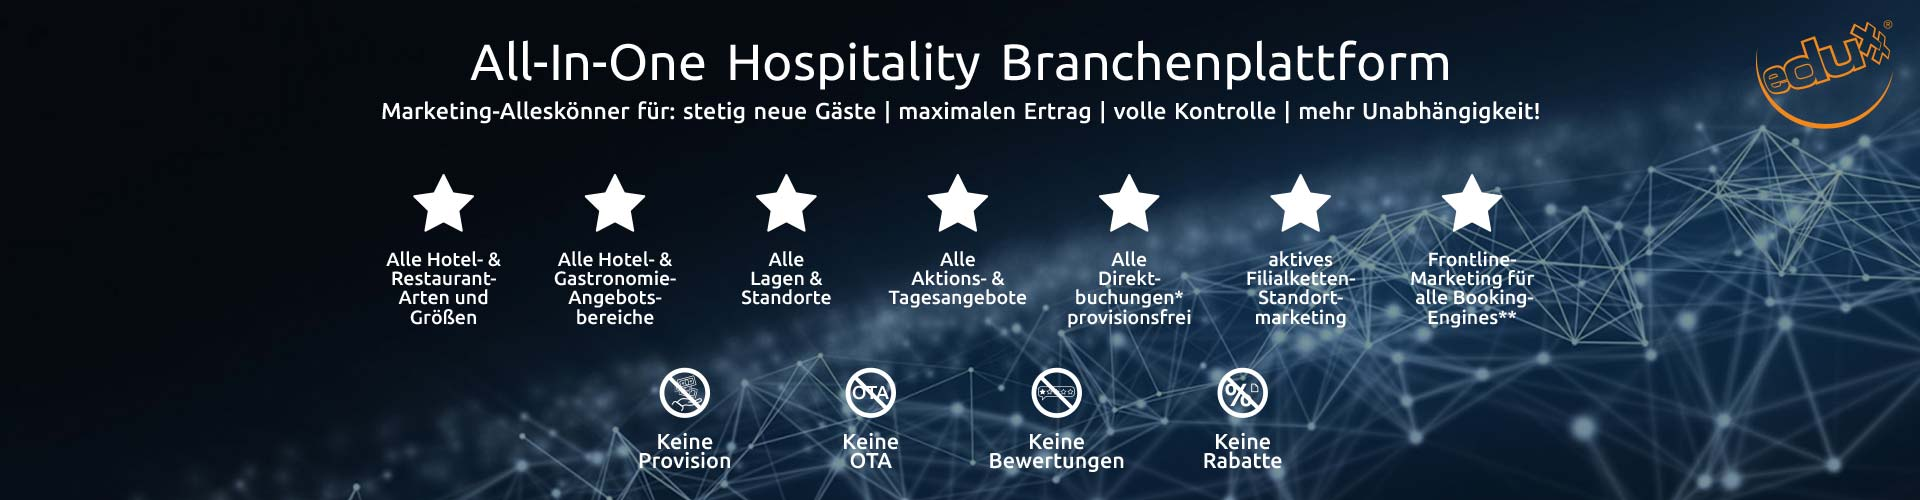 Hospitality Marketing-Plattform für Direkt-Buchungen: Brunch-Lunch-Dinner BLD & regio central RC von yext.